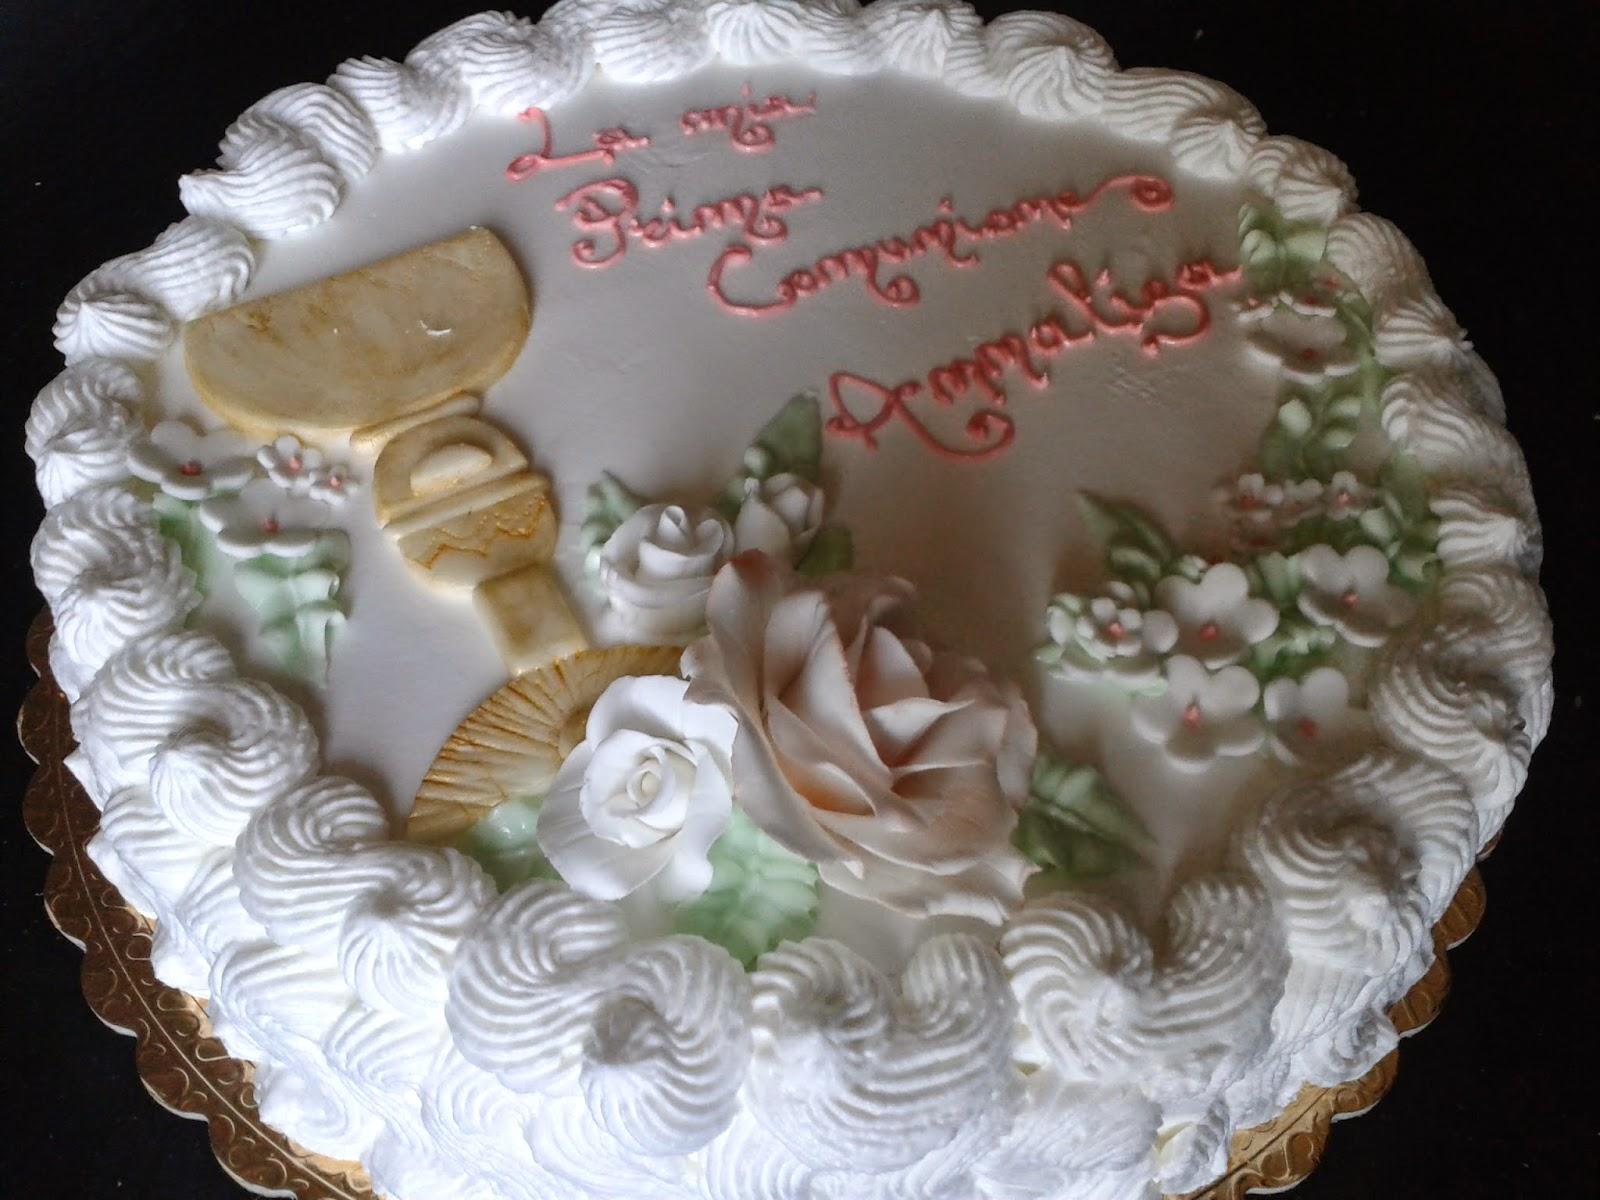 Frasi Sulla Torta Di Compleanno.Frasi Da Scrivere Sulla Torta Di Prima Comunione Cotto E Postato